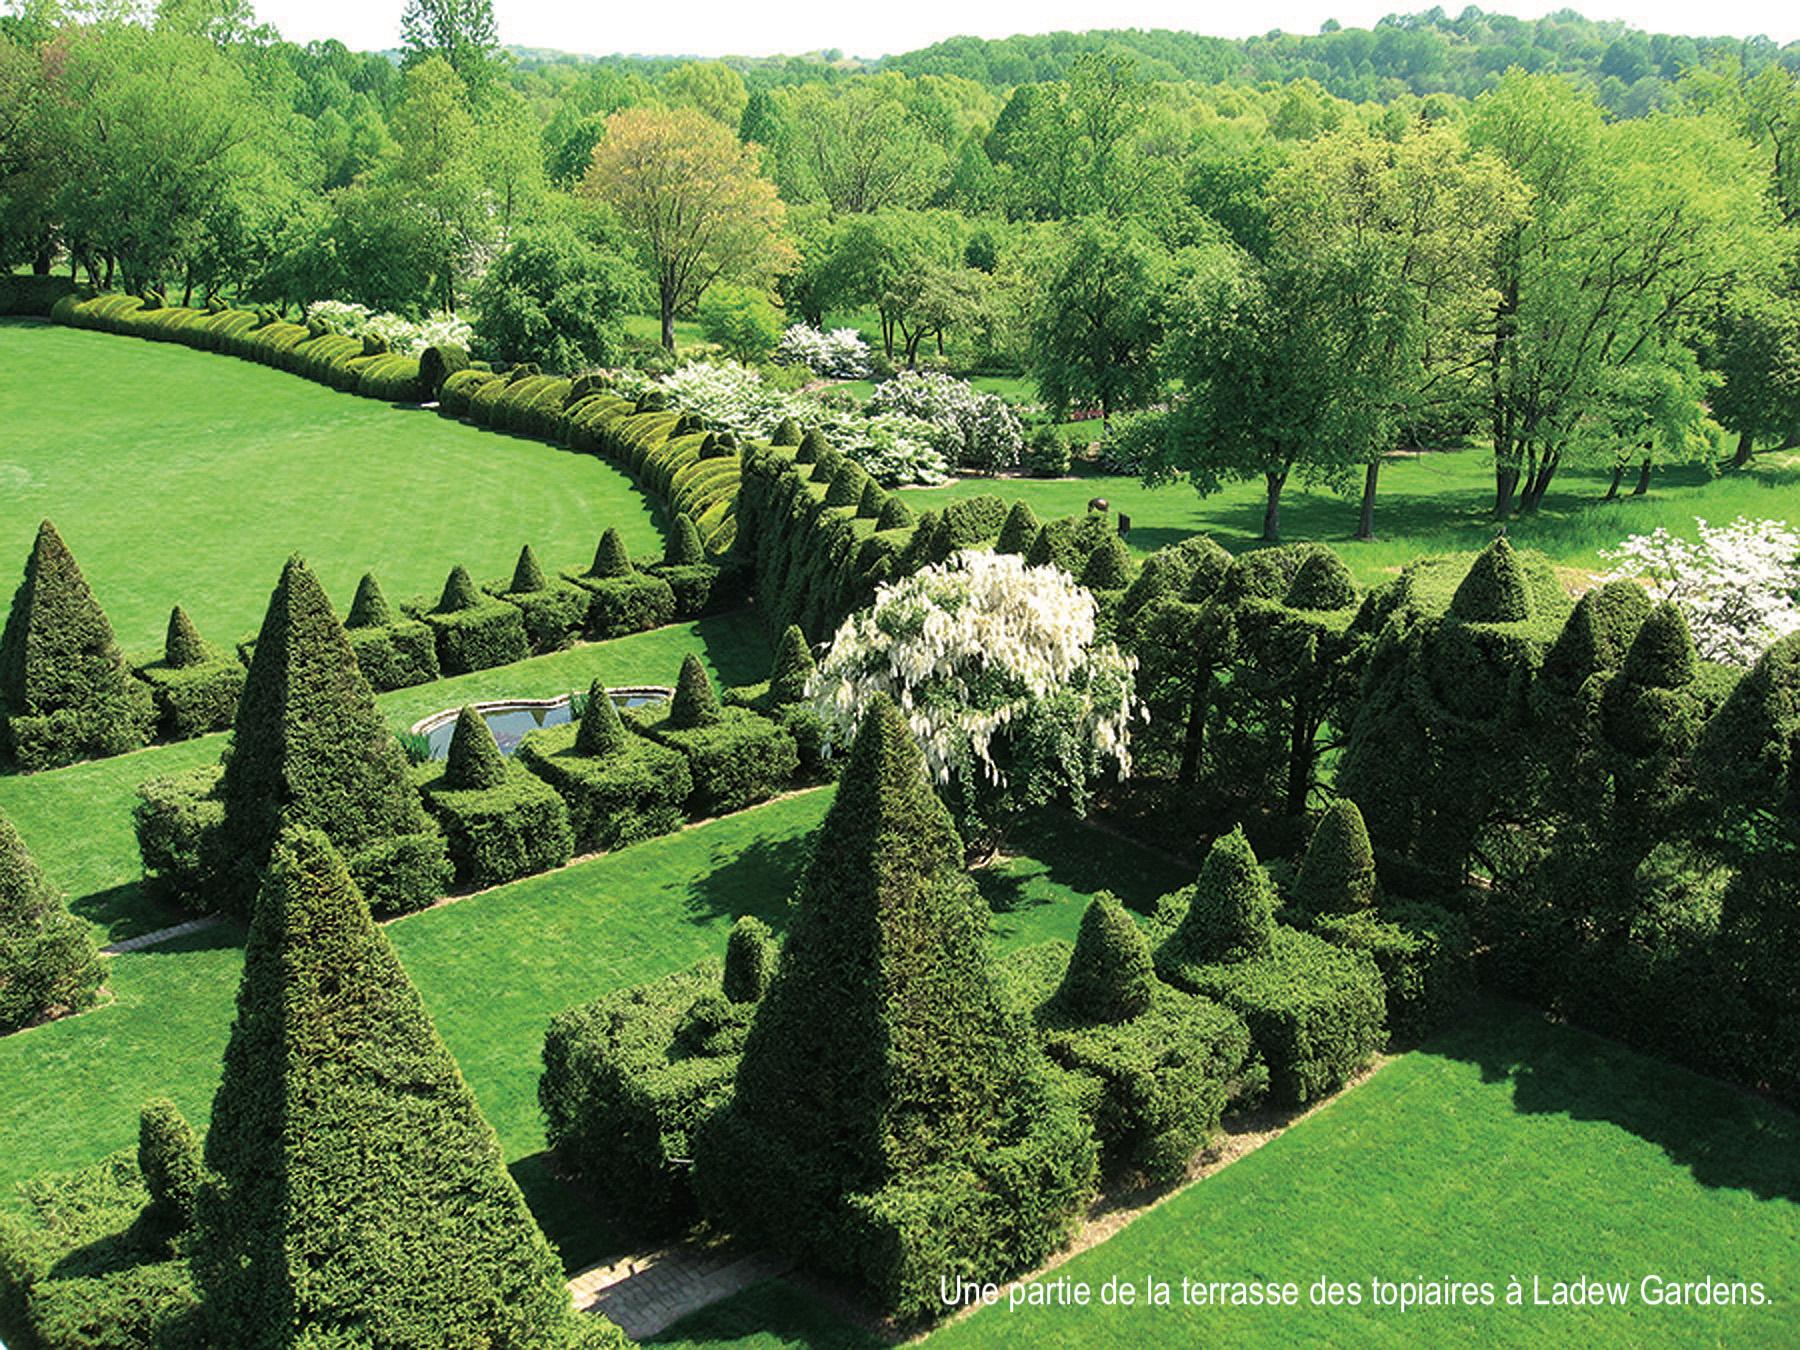 Terrasse de topiaires à Ladew Gardens